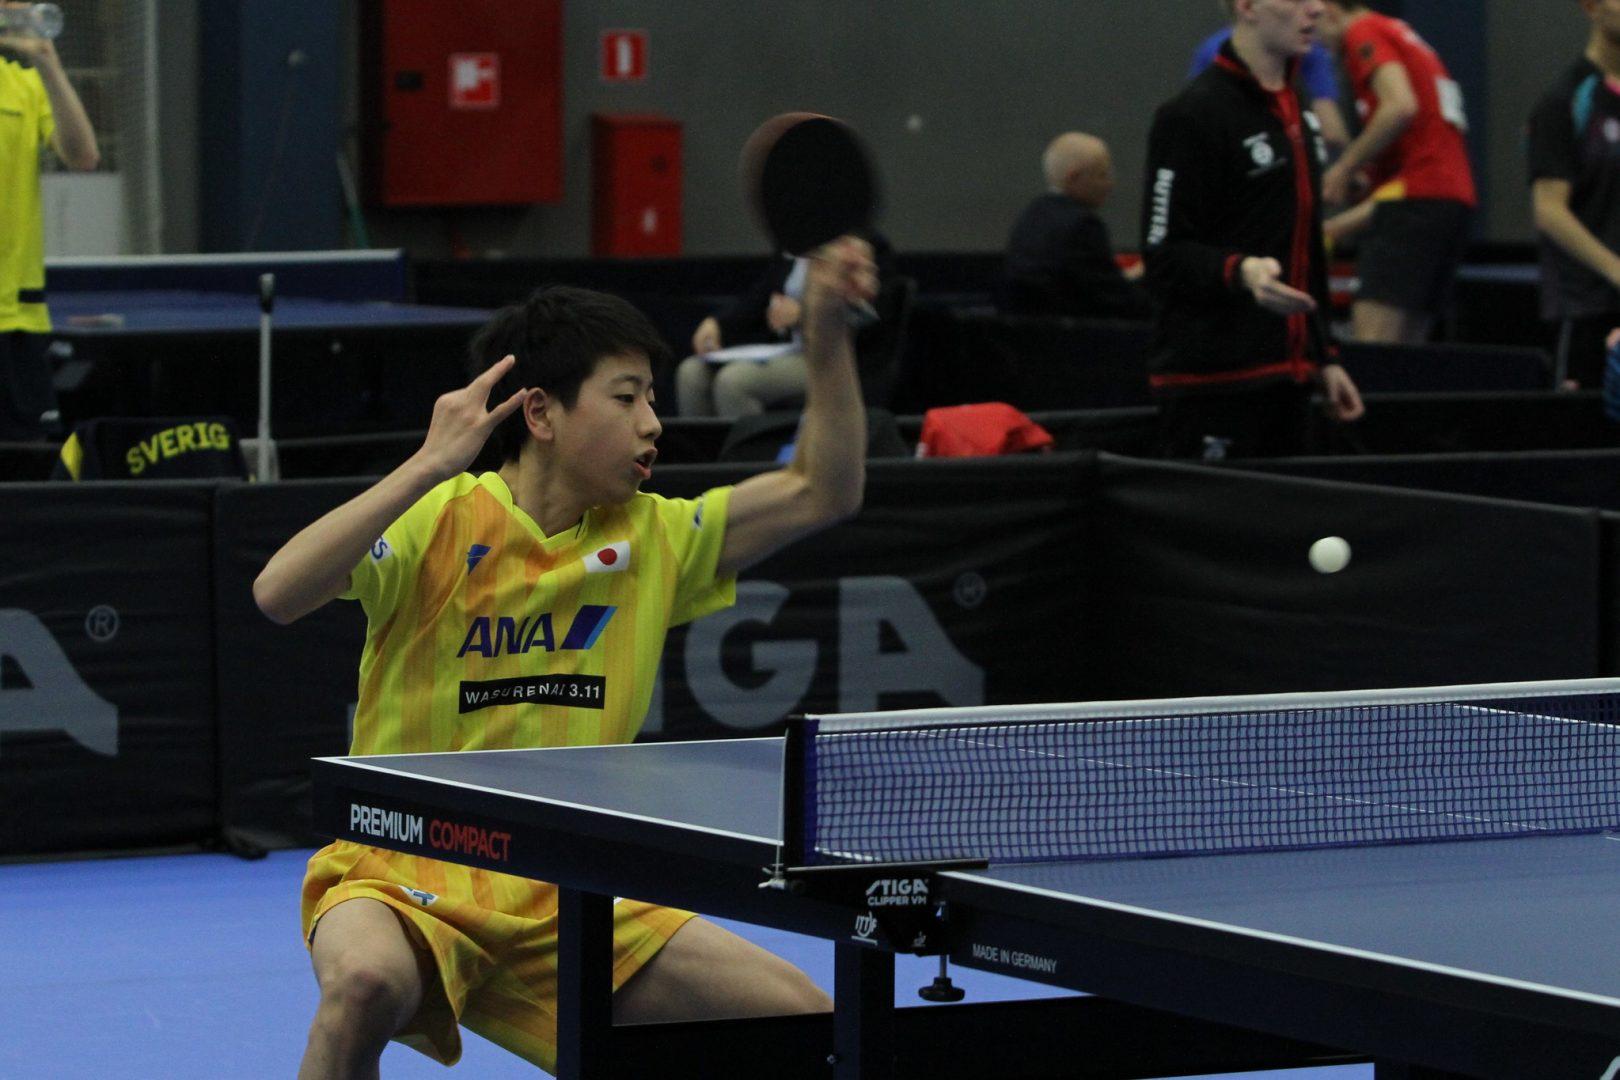 【今週の日本の卓球】JSP・ベルギーOP全日程終了  世界卓球2019開幕